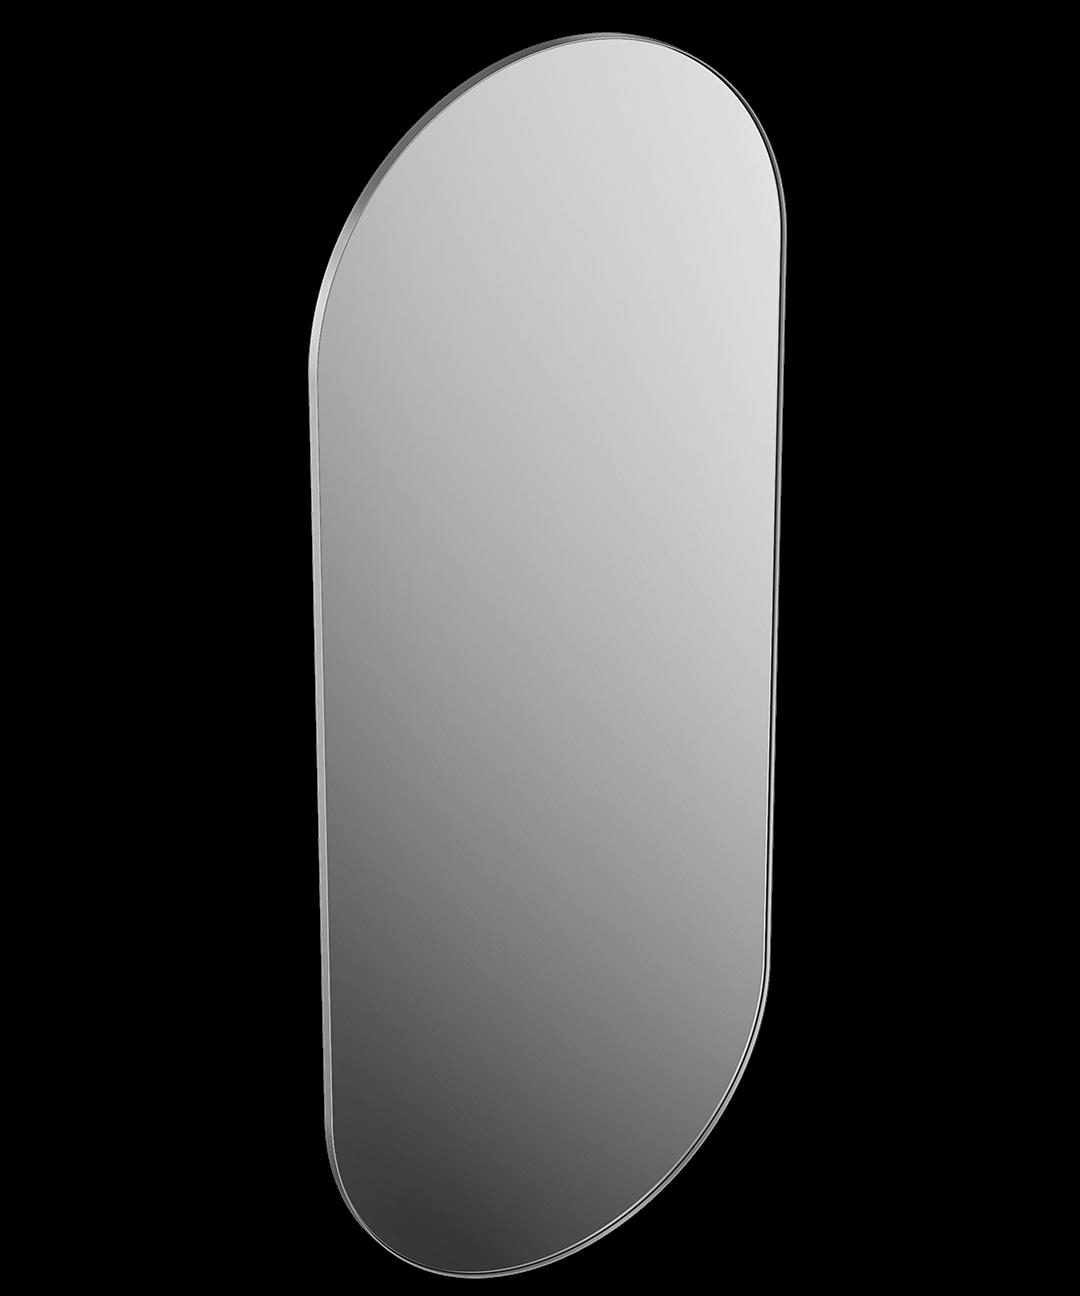 XPO Screens Invite 24PT Oval - Gray Mirror Material